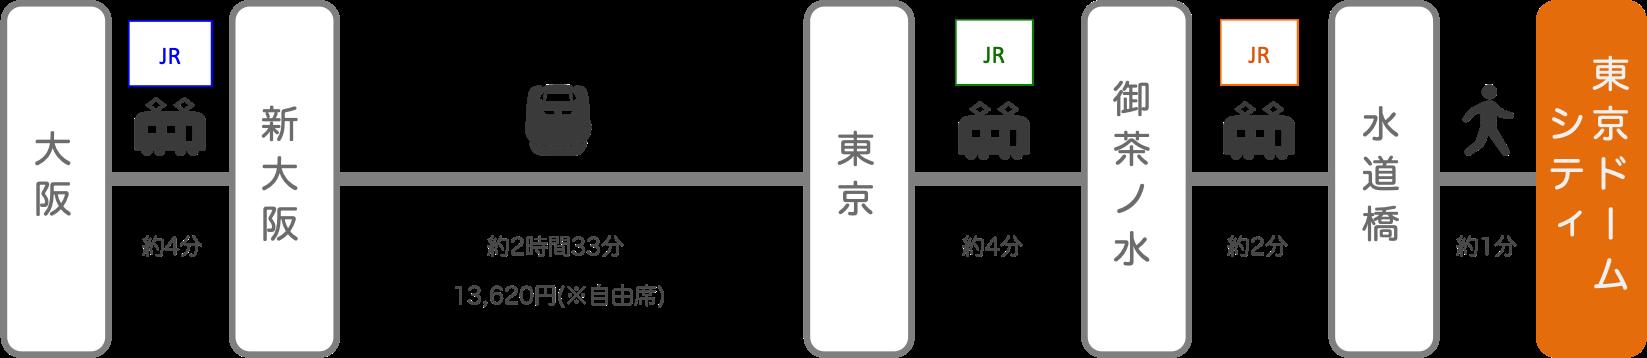 東京ドームシティ_大阪_新幹線